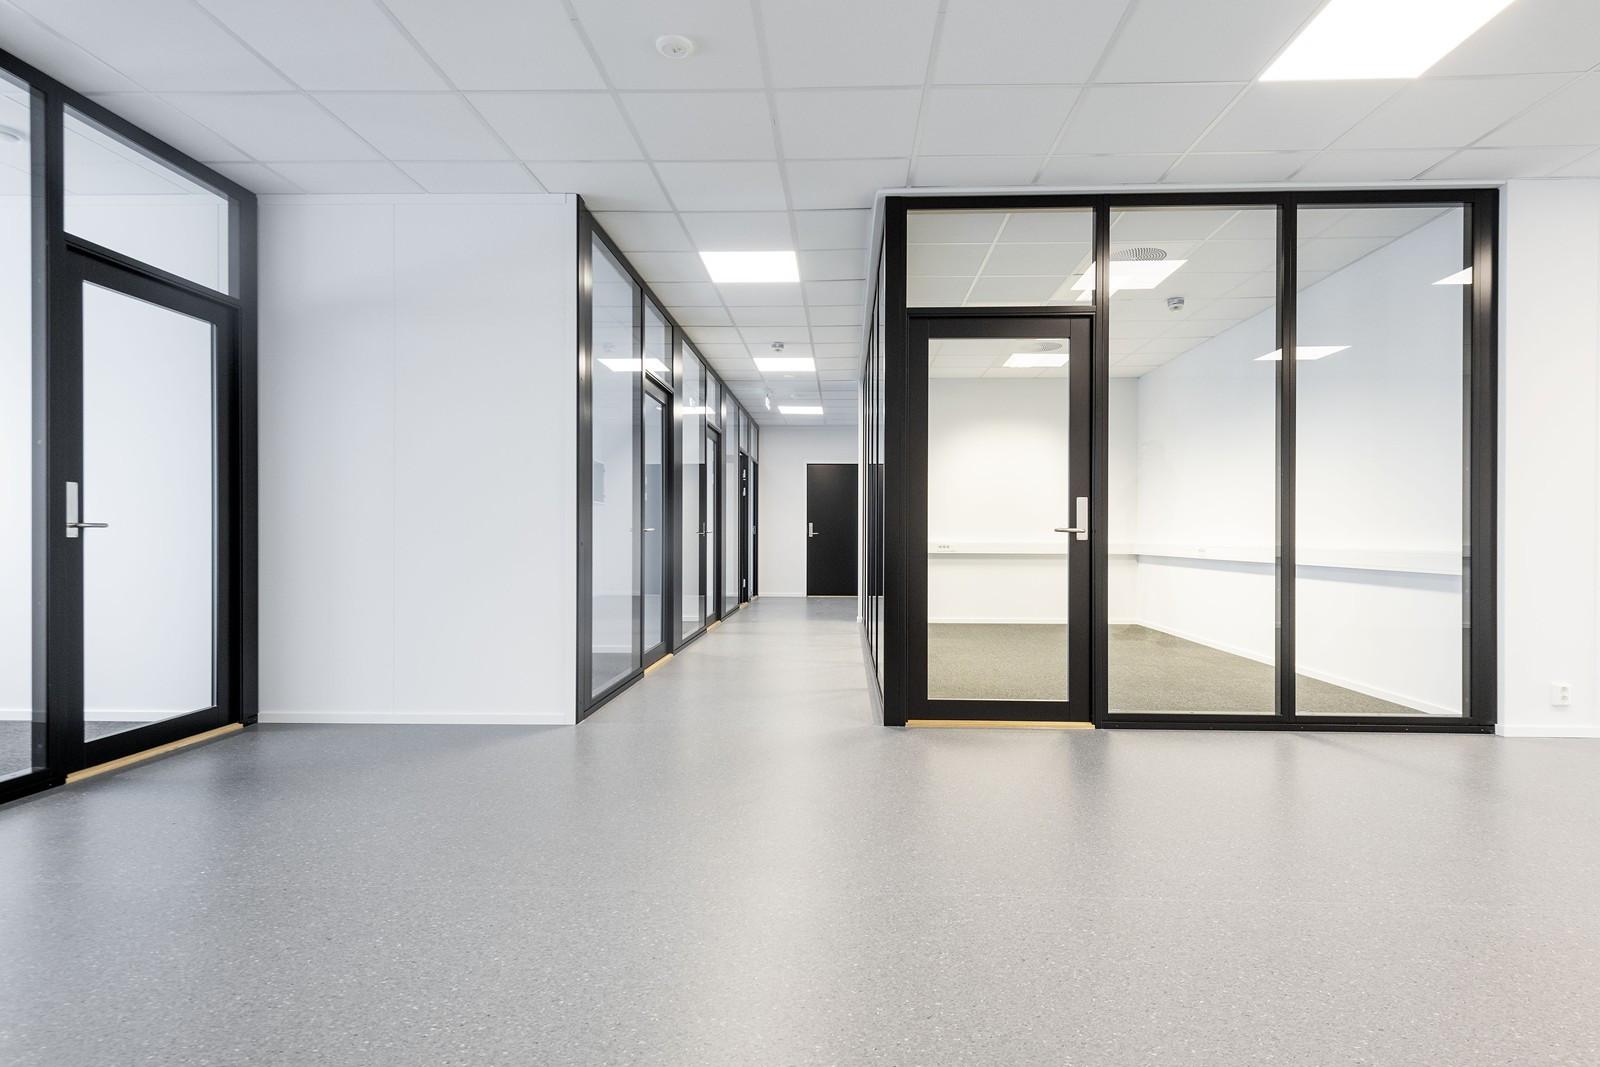 Innredet lokale - gjennomgående bruk av glass som gir åpne arealer og gode lysforhold - BYGG 2